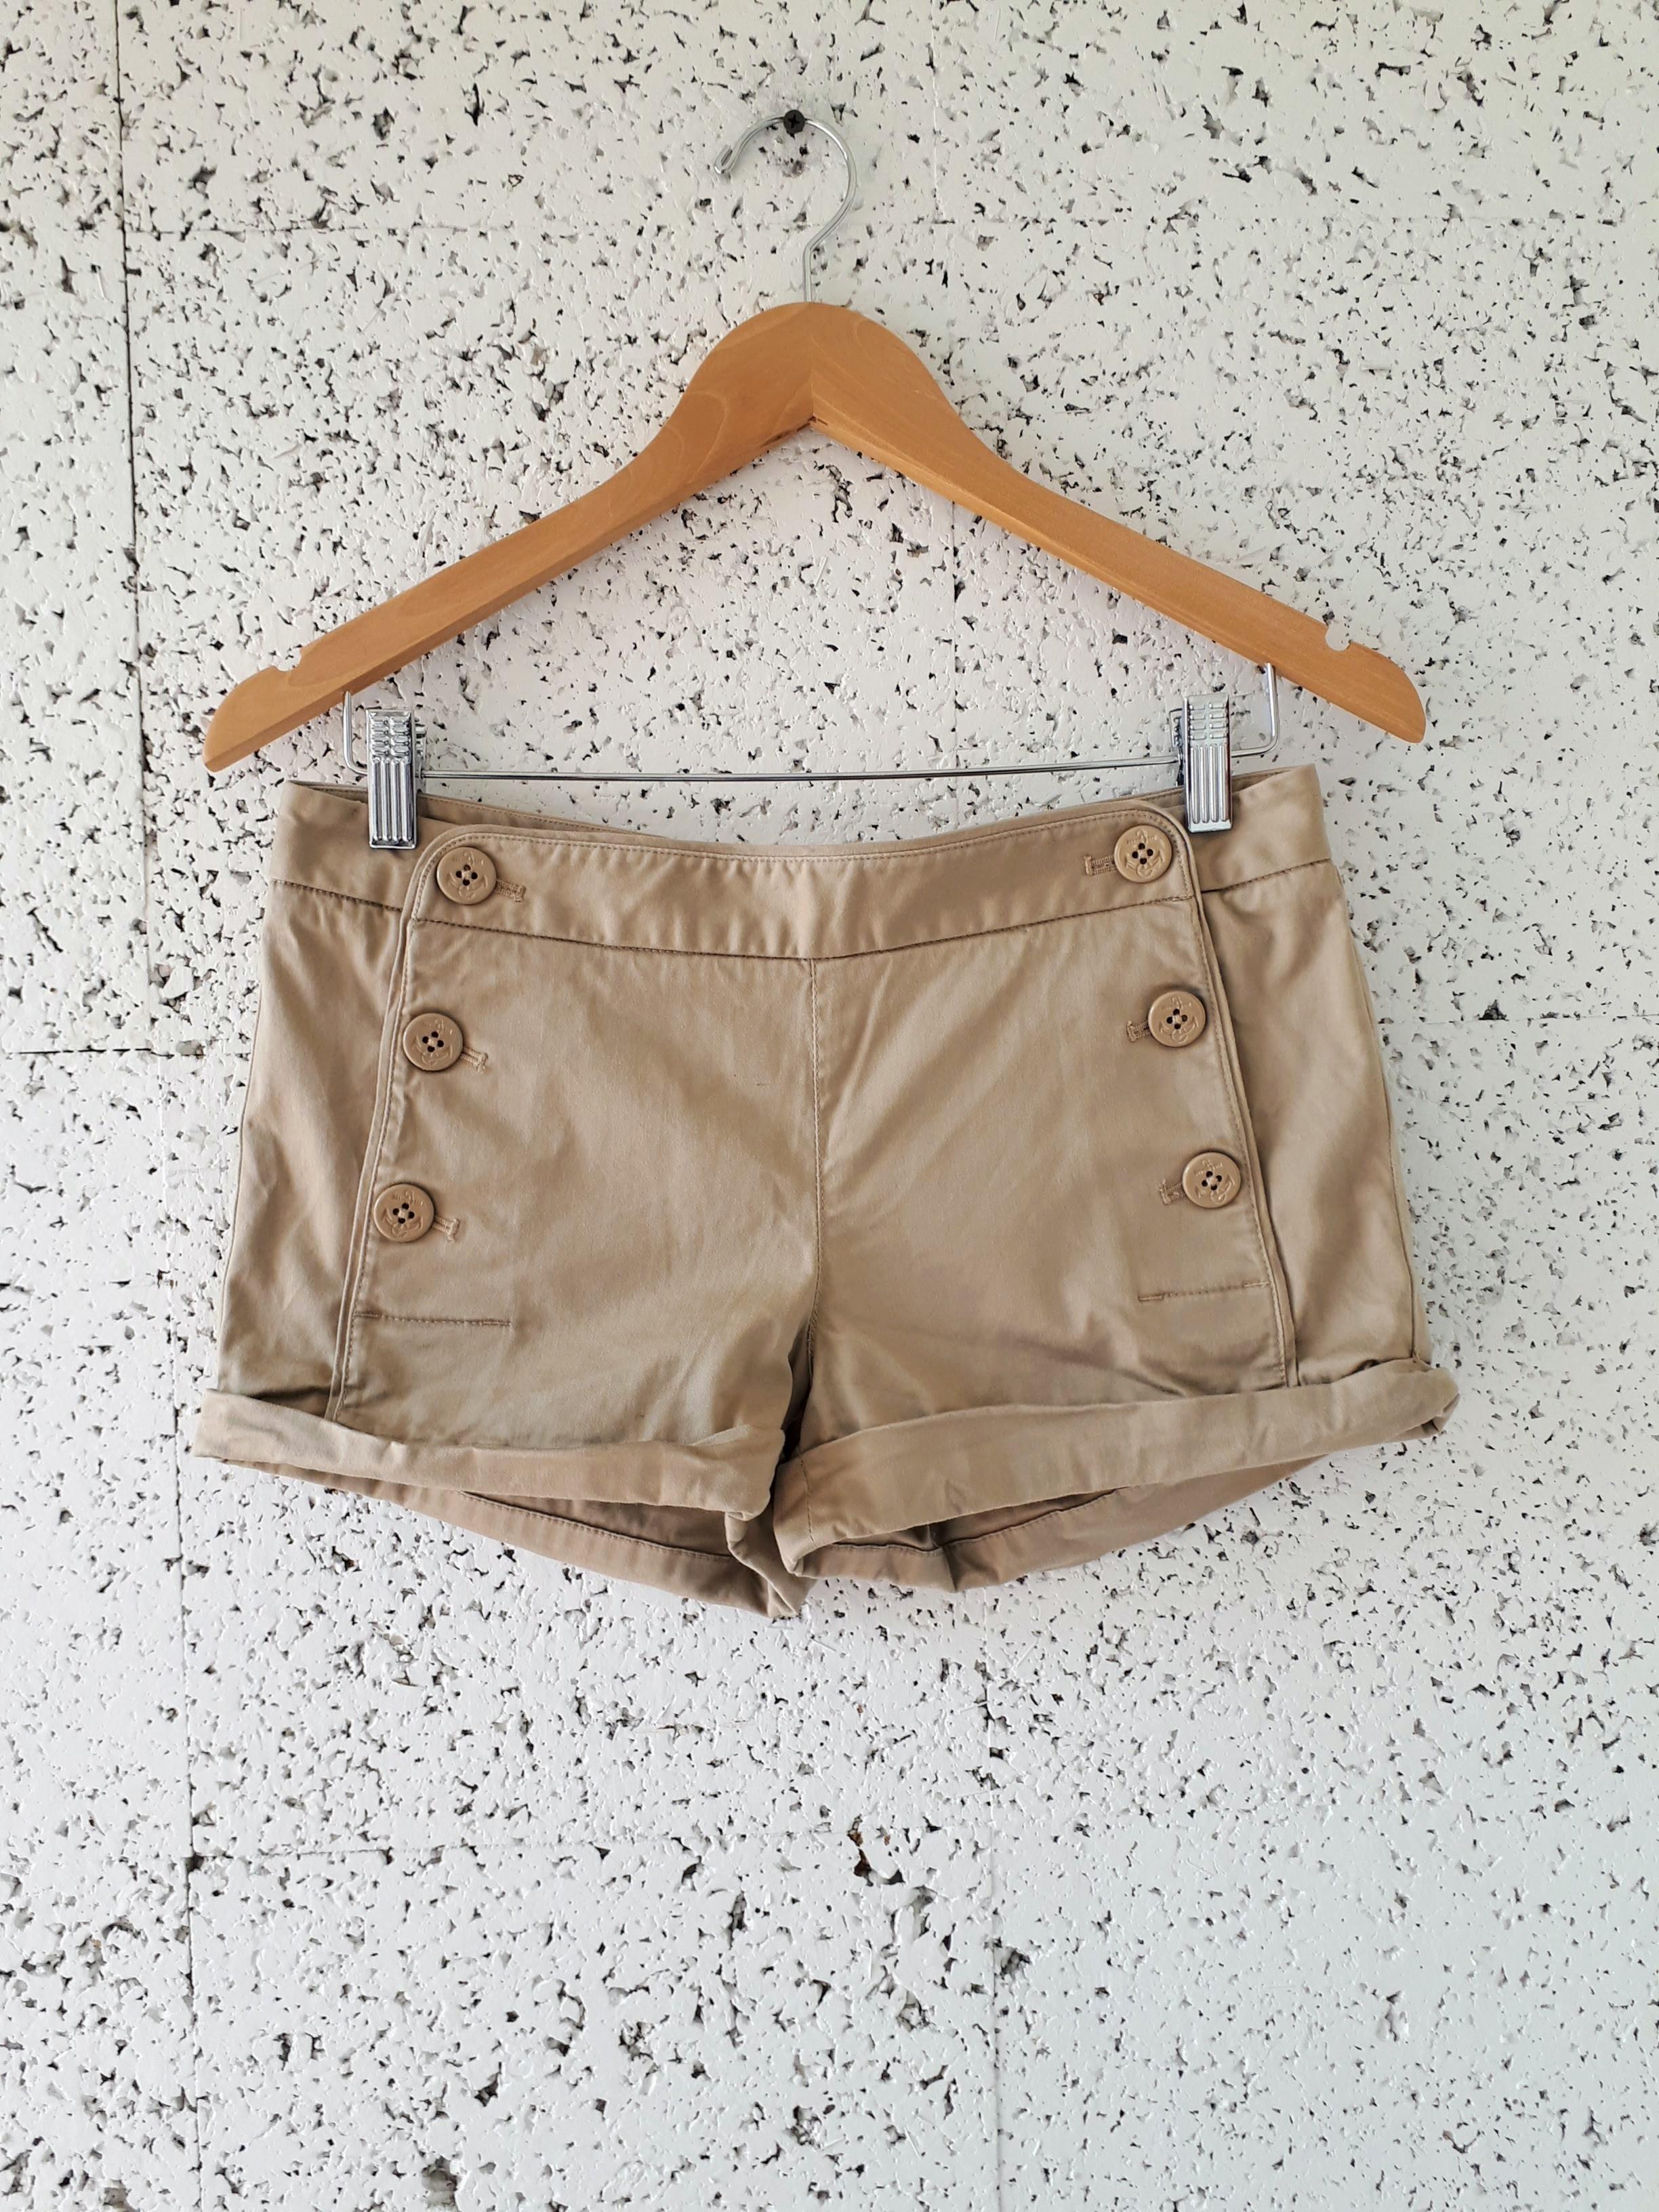 Talula shorts; Size 4, $24